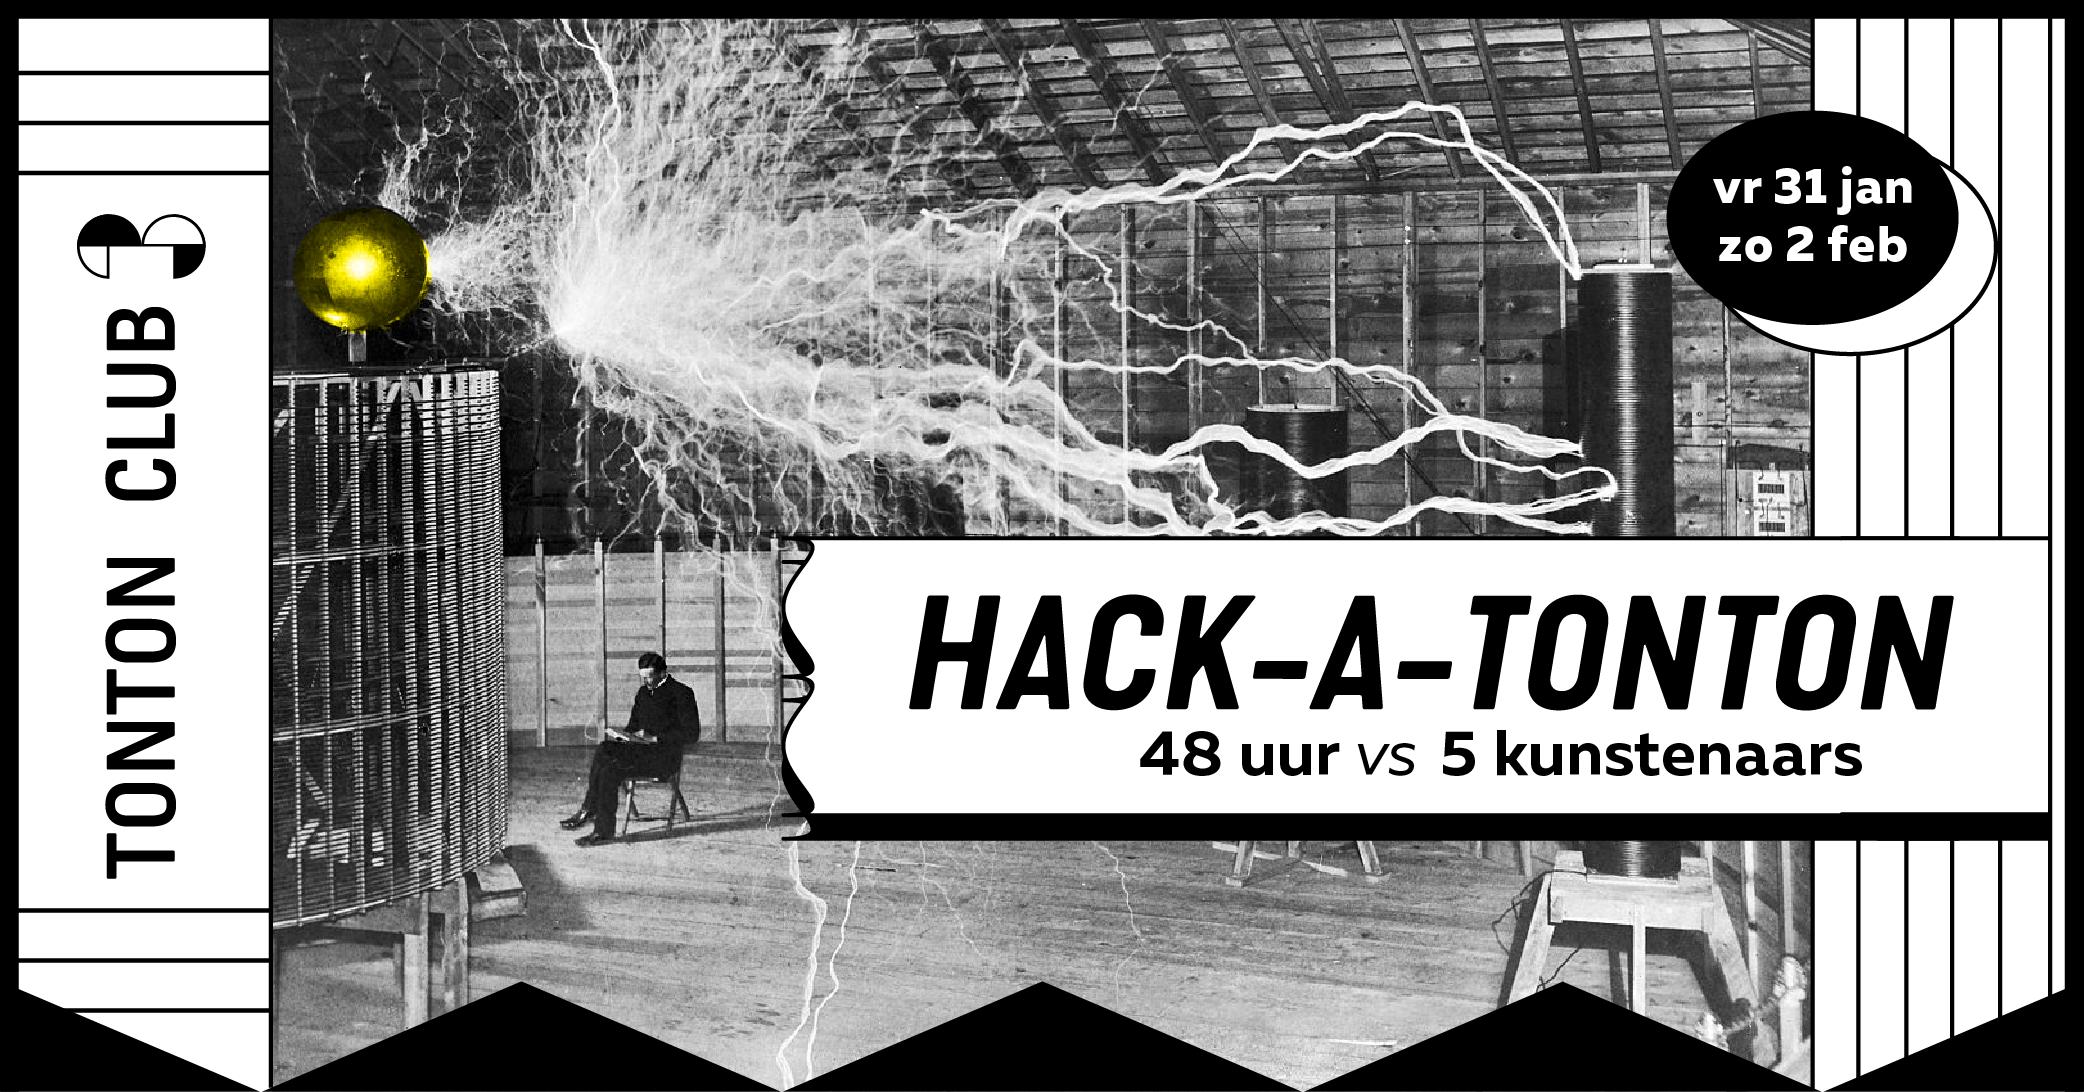 HACK-A-TONTON